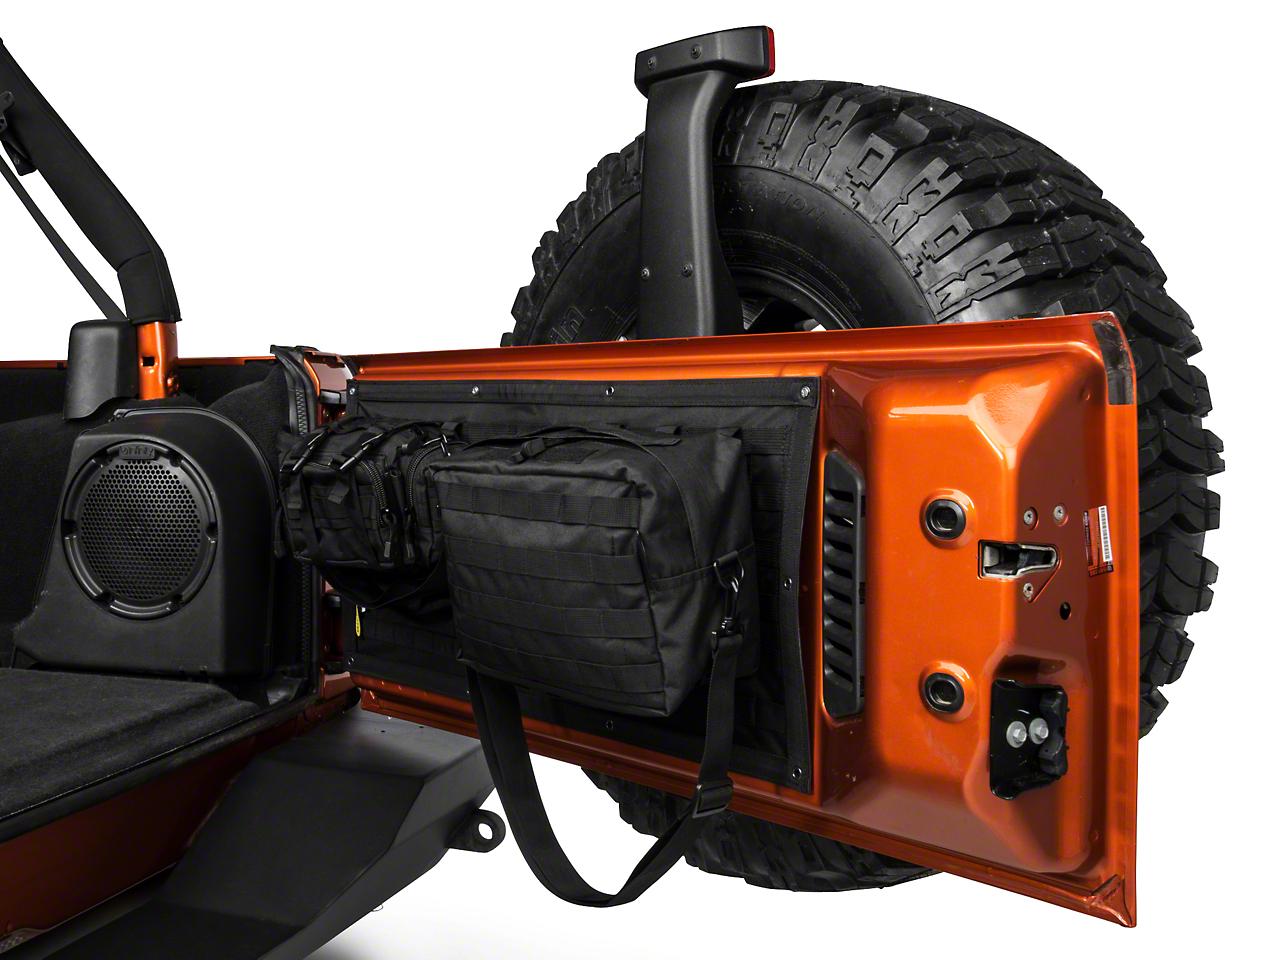 Smittybilt GEAR Tailgate Cover - Black (07-16 Wrangler JK)